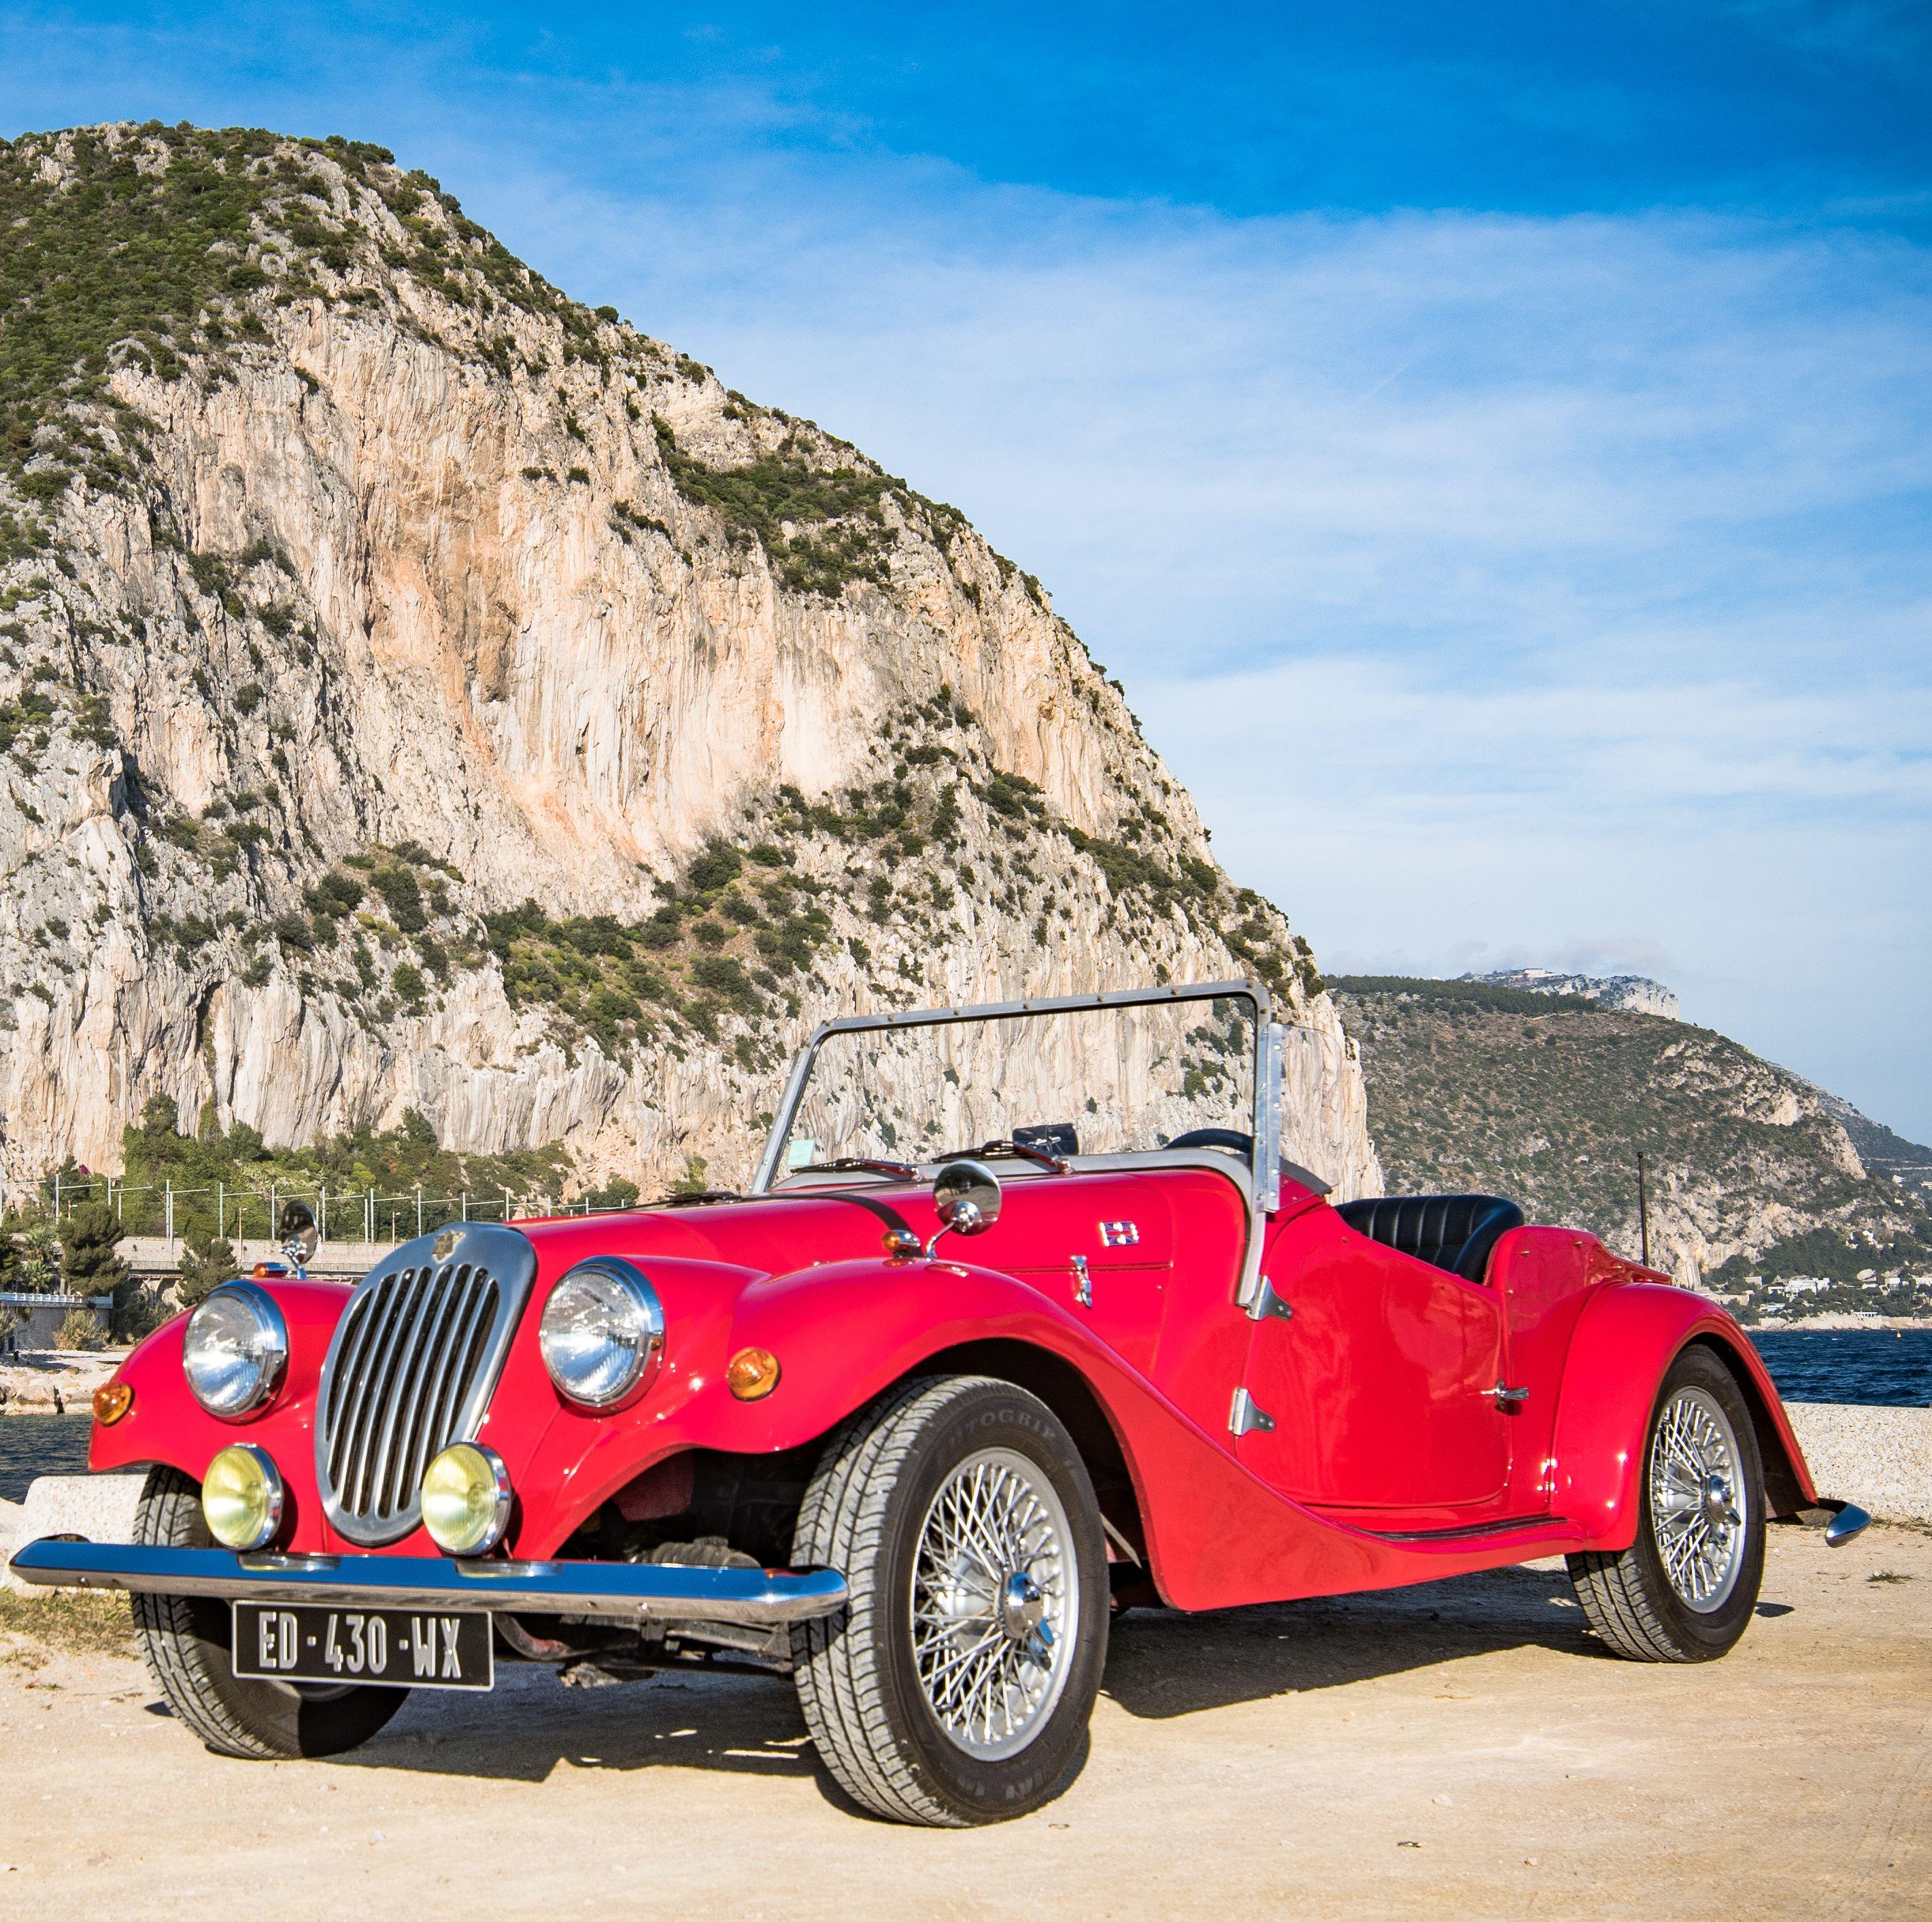 Build memories #ClassicCar #retrocar #vintagecar #oldcar #tours #trip